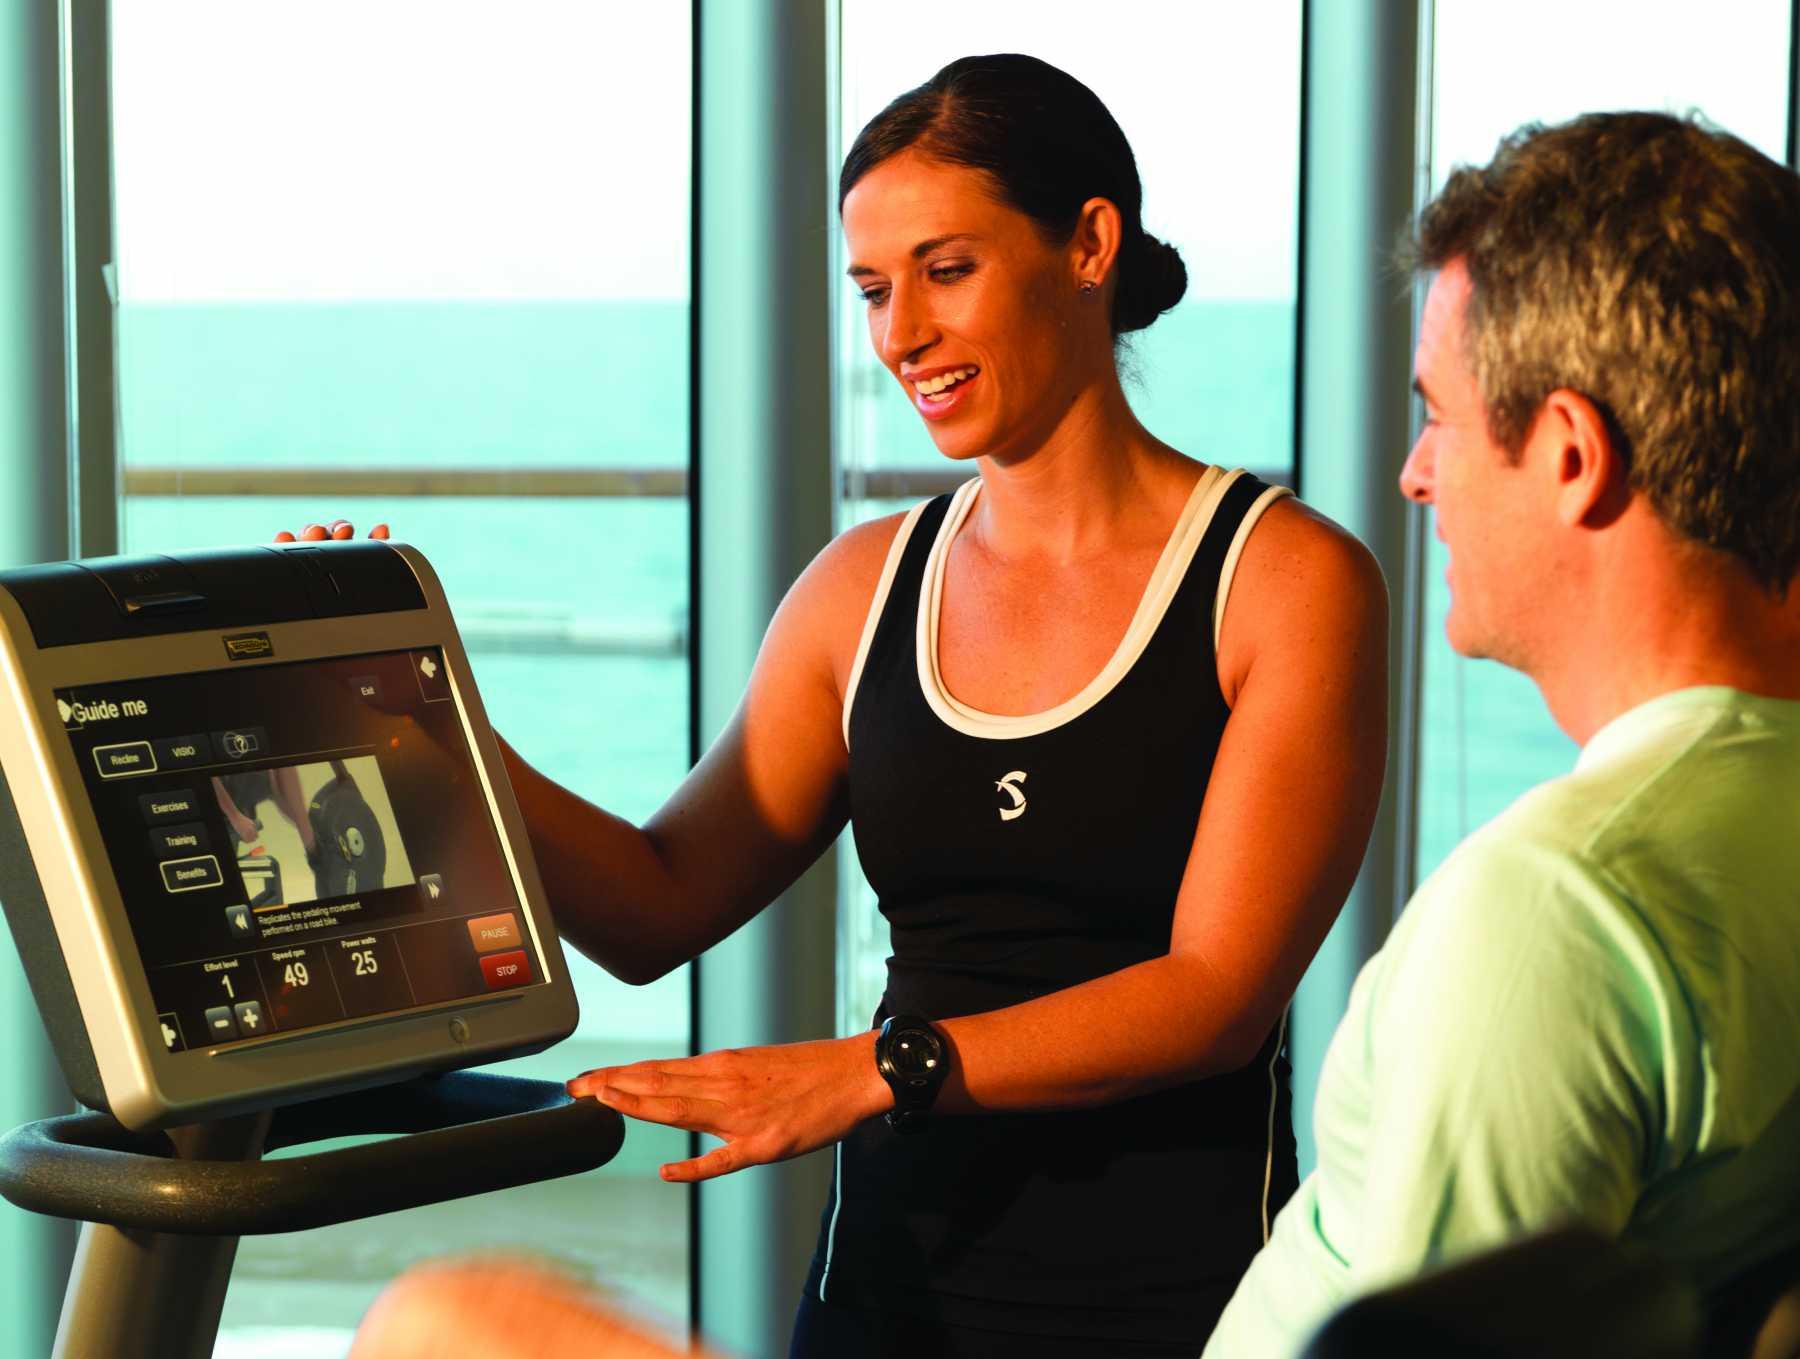 cunard queen elizabeth fitness cventre.JPG